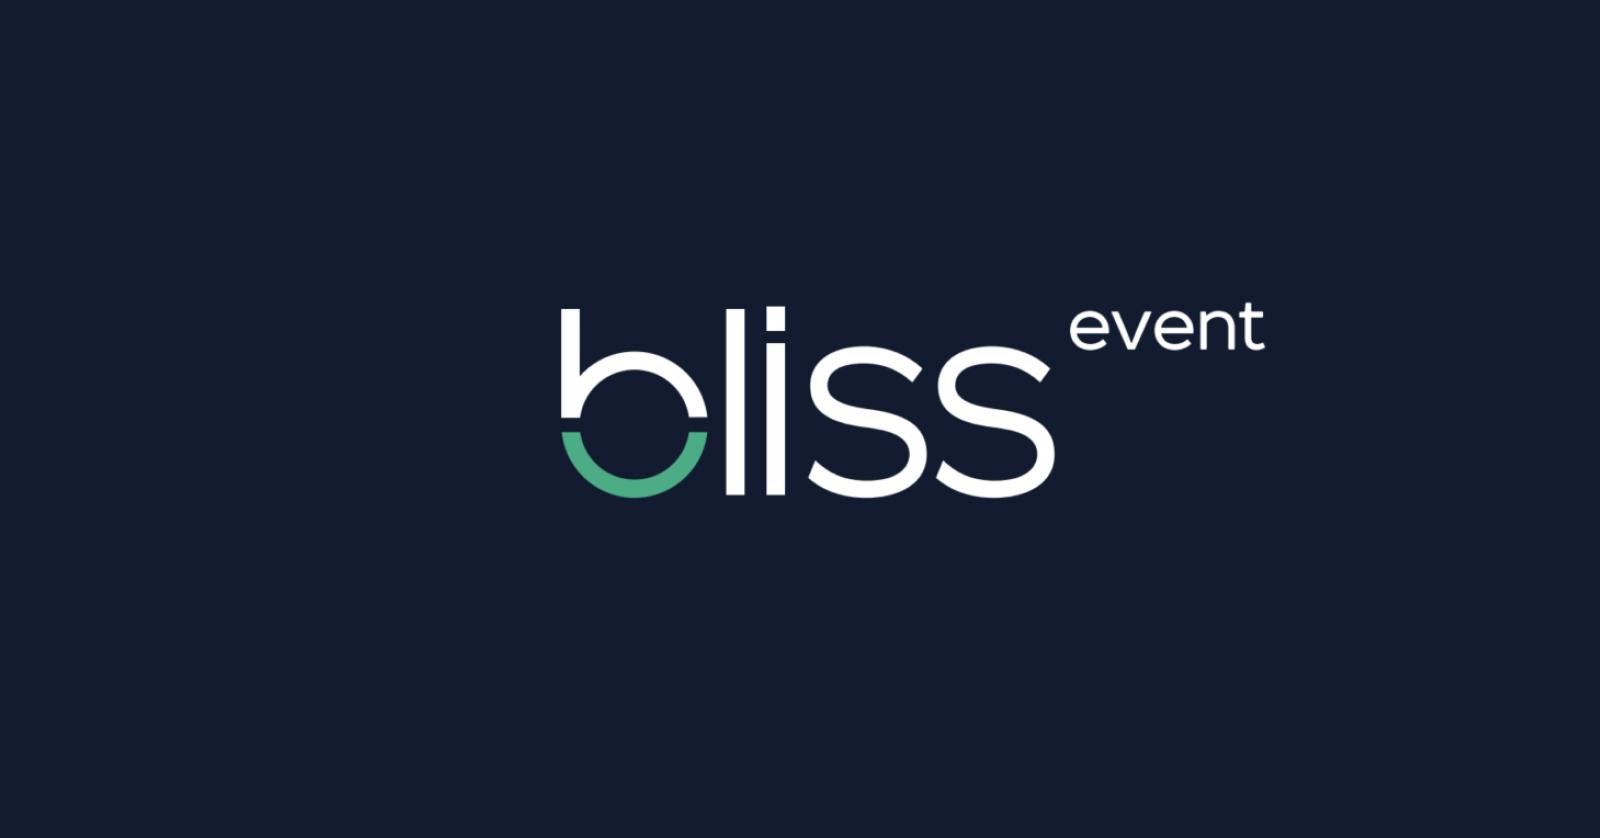 создание логотипа для агенства